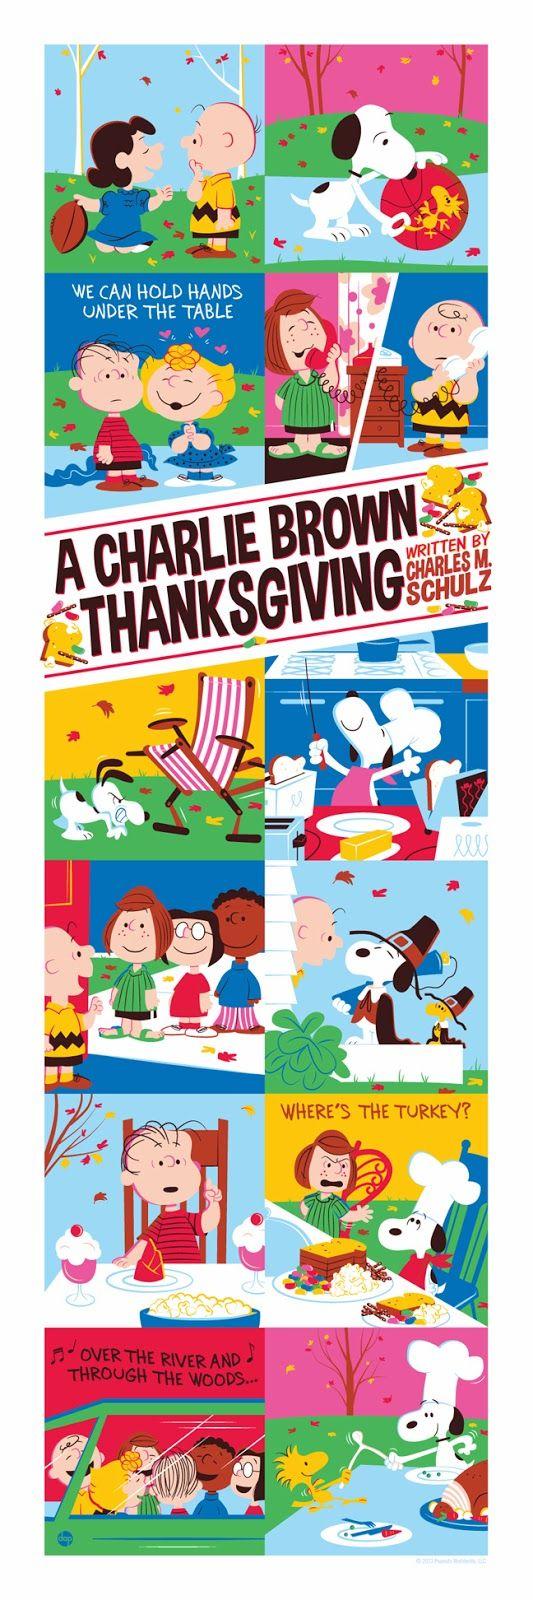 La Acción de Gracias de Charlie Brown